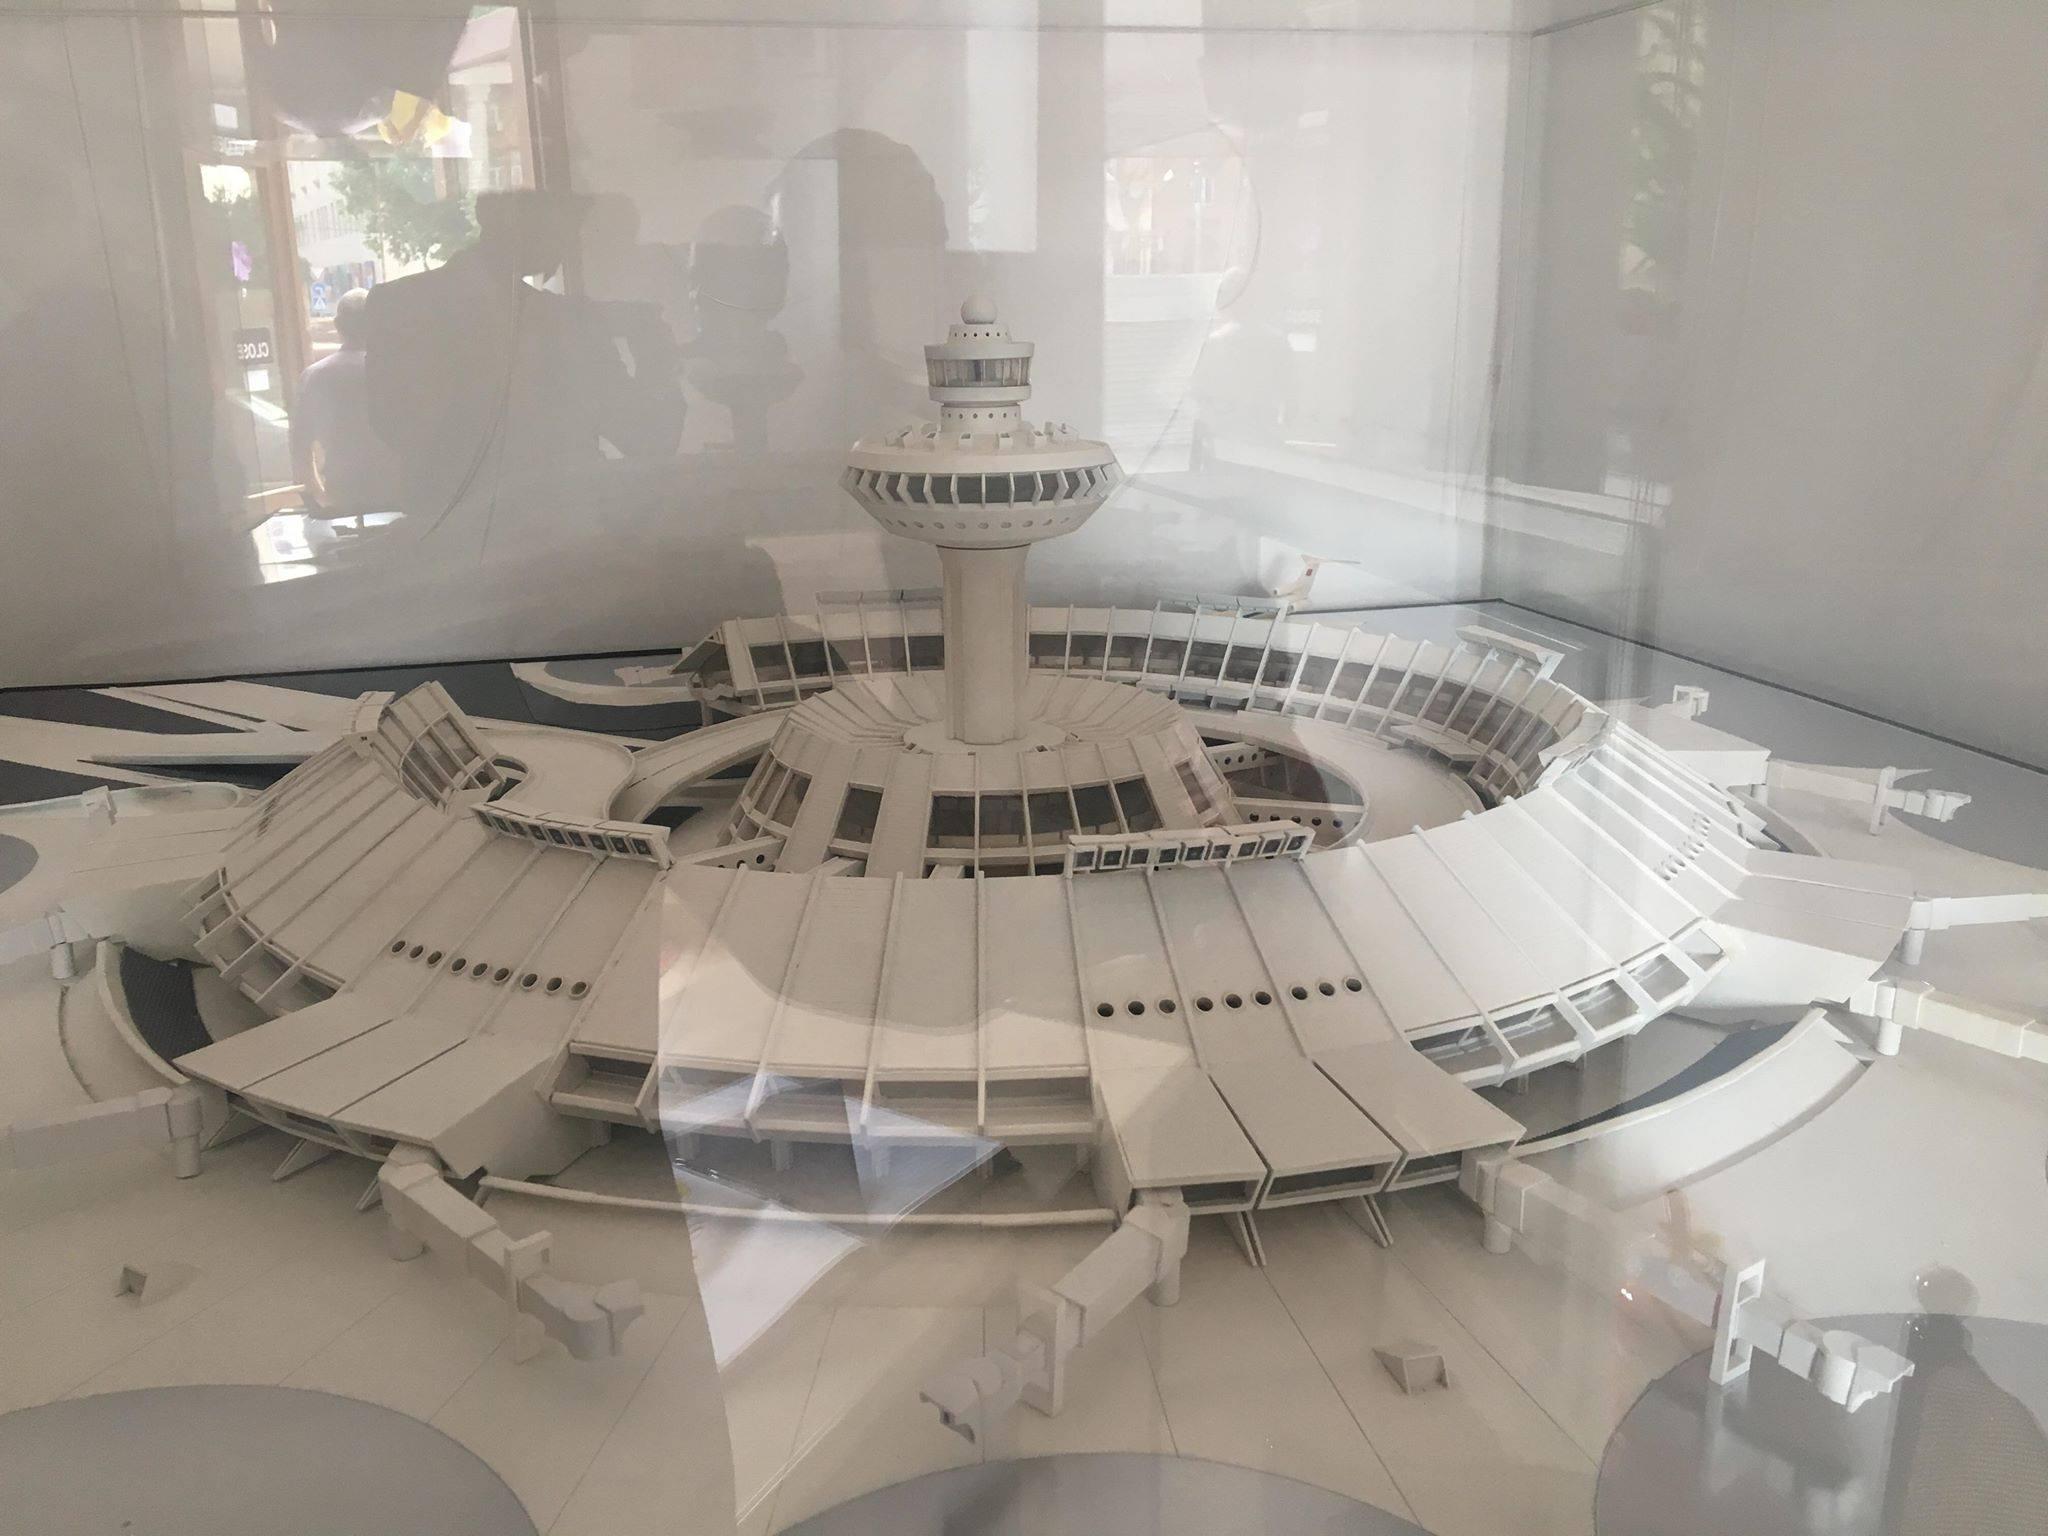 Զվարթնոց օդանավակայանի հին մասնաշենքը, Ռոսիա կինոթատրոնը և մի քանի այլ կառույցներ ստացել են պատմության և մշակույթի անշարժ հուշարձանի կարգավիճակ